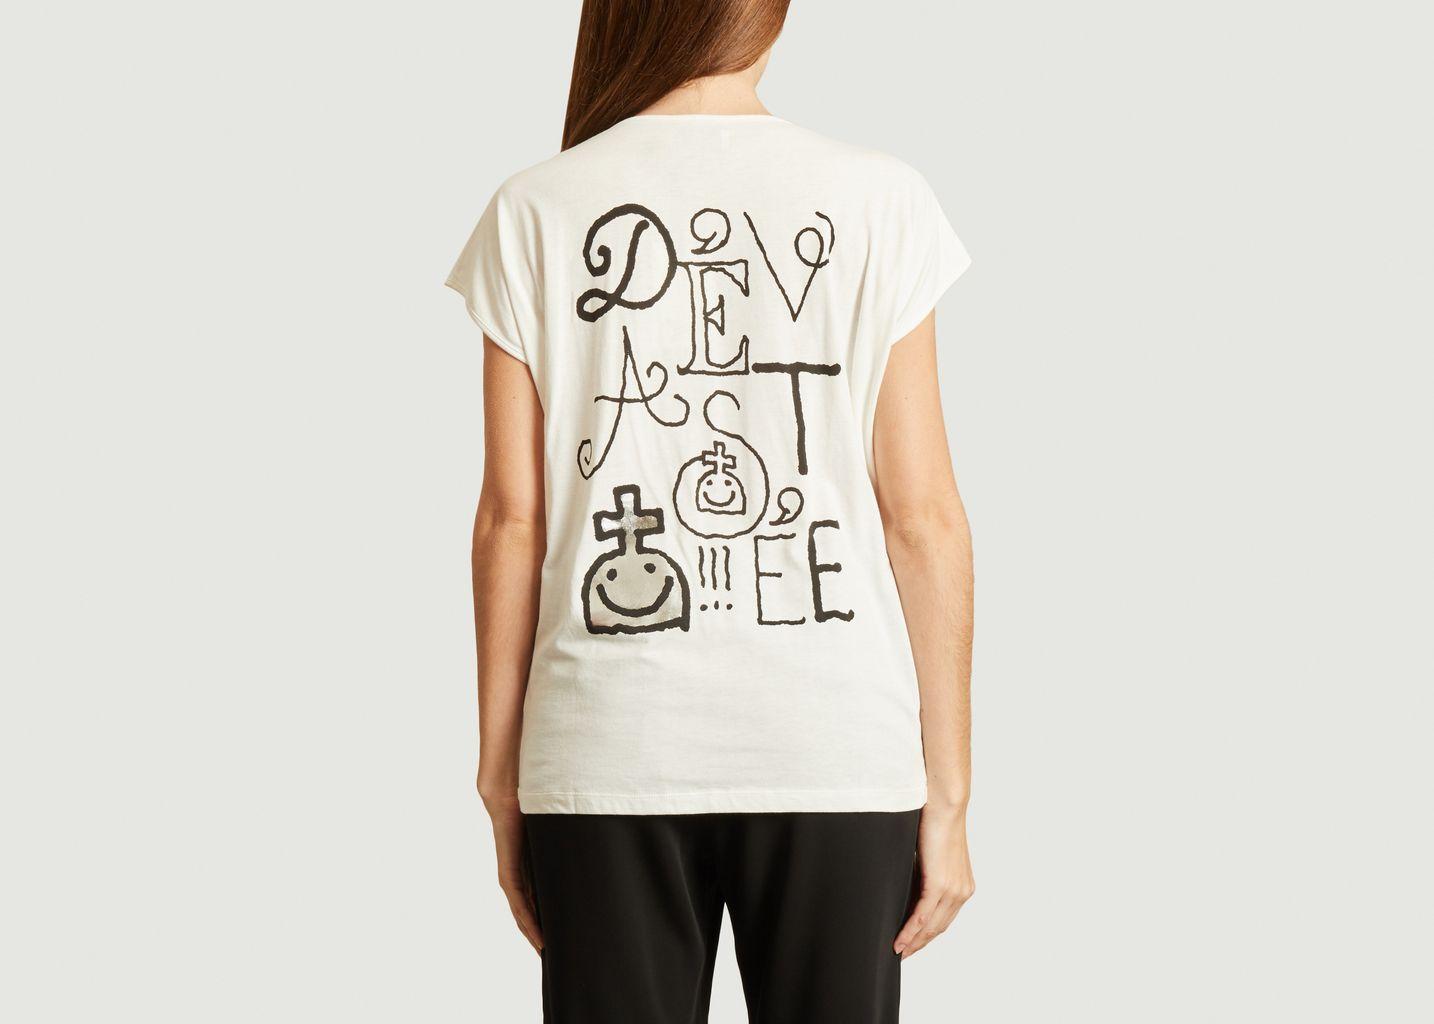 T-shirt en coton et rayonne imprimé dos - Dévastée